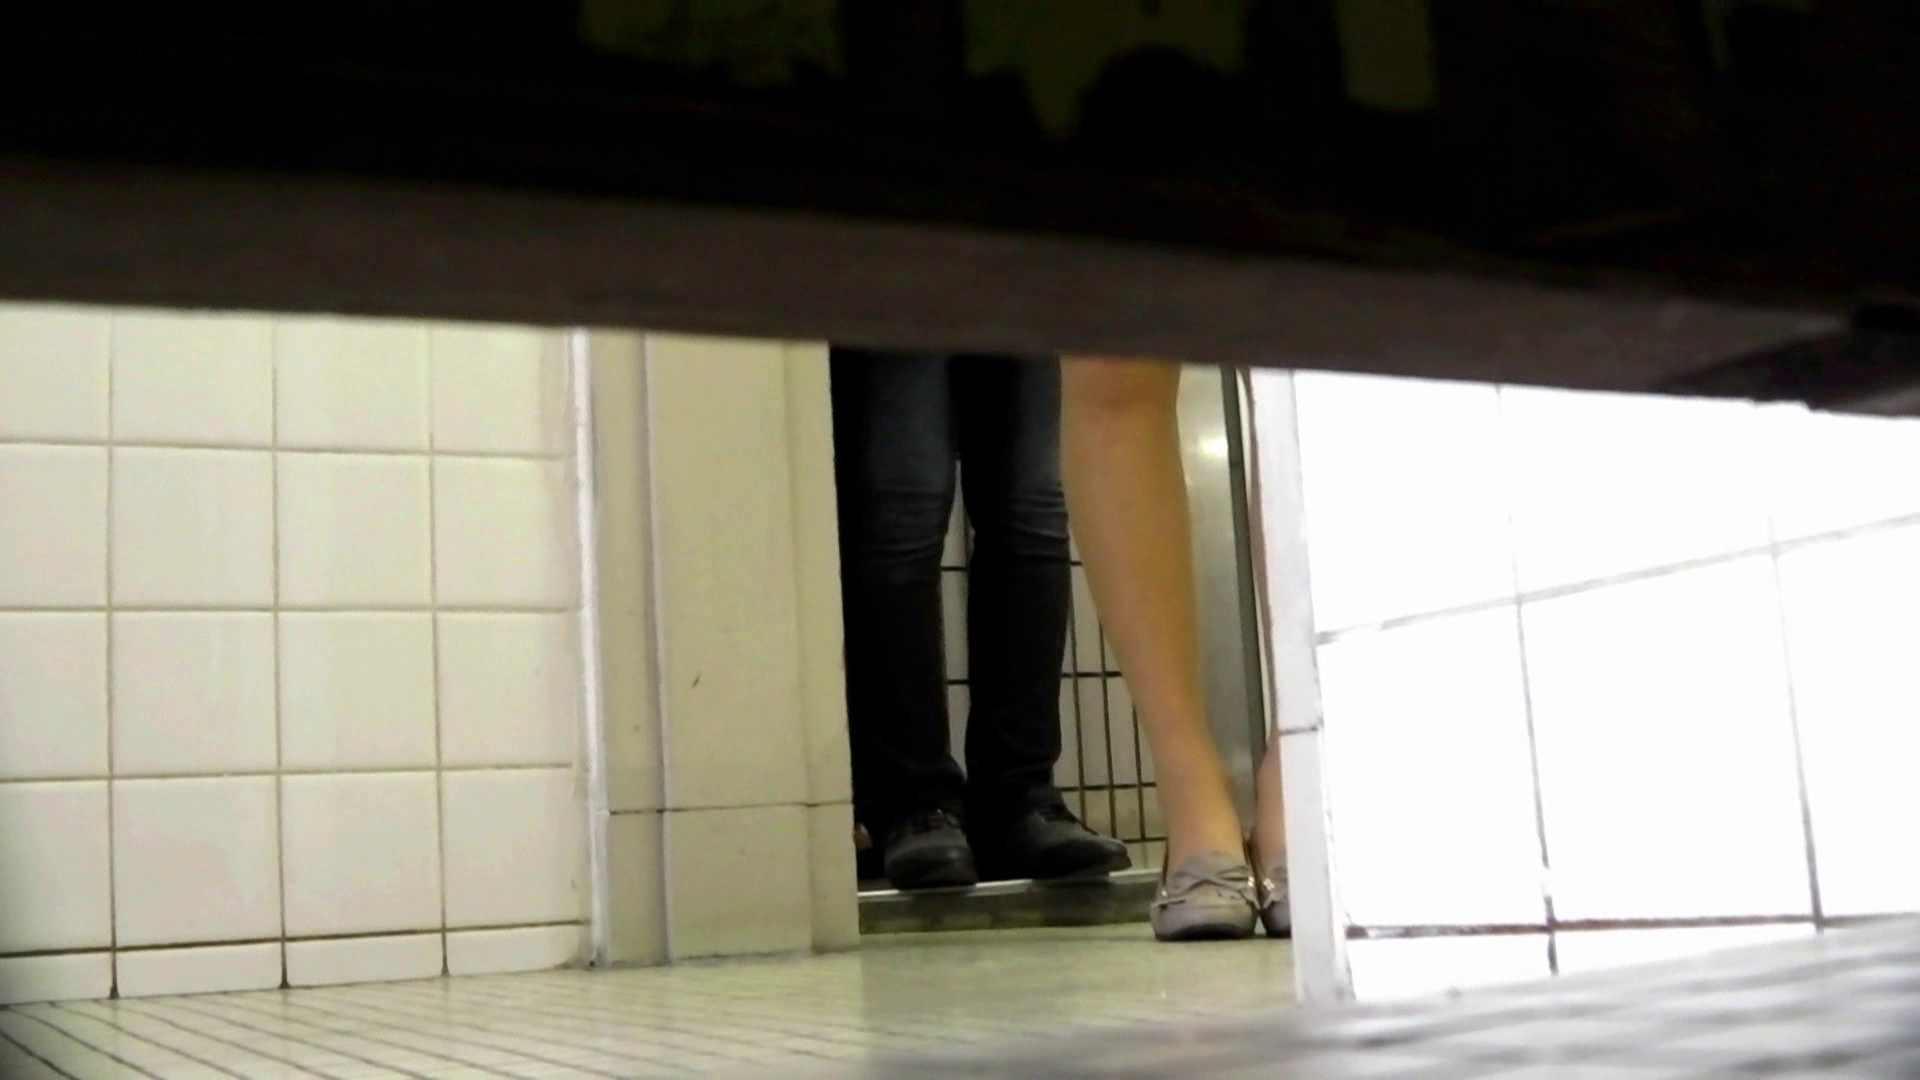 洗面所特攻隊 vol.74 last 2総勢16名激撮【2015・29位】 洗面所 | エッチすぎるOL達  105連発 53